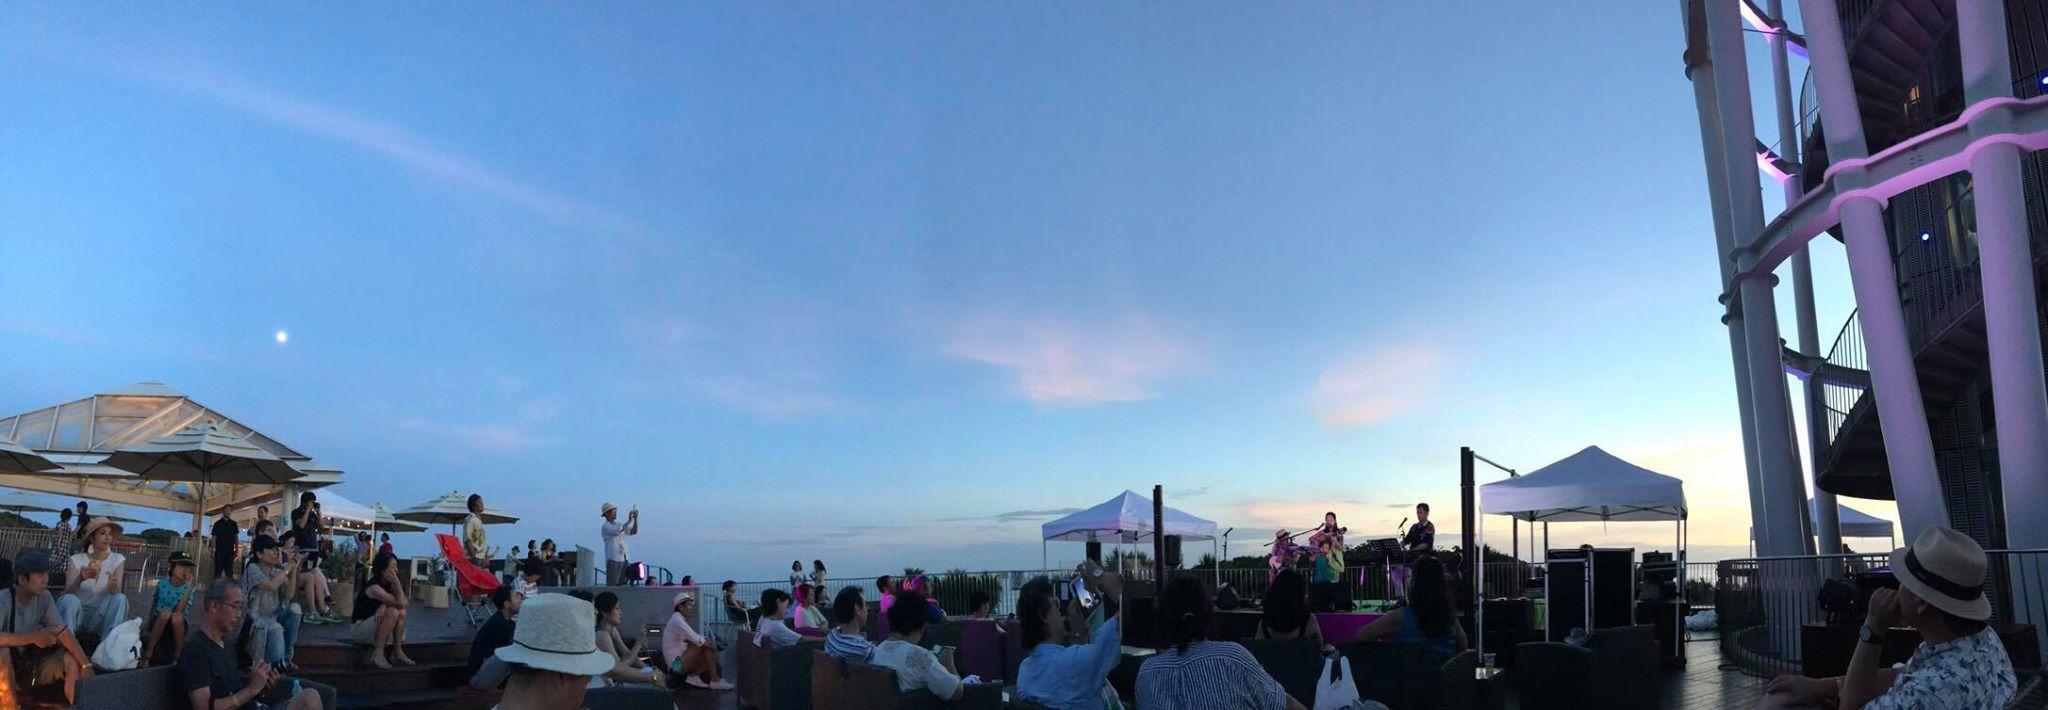 【レポート◉夕陽と海の音楽会】5年目。3日目をプロデュース、LIVE演奏、DJ #ブラジル #江ノ島 #シーキャンドル_b0032617_23470014.jpg